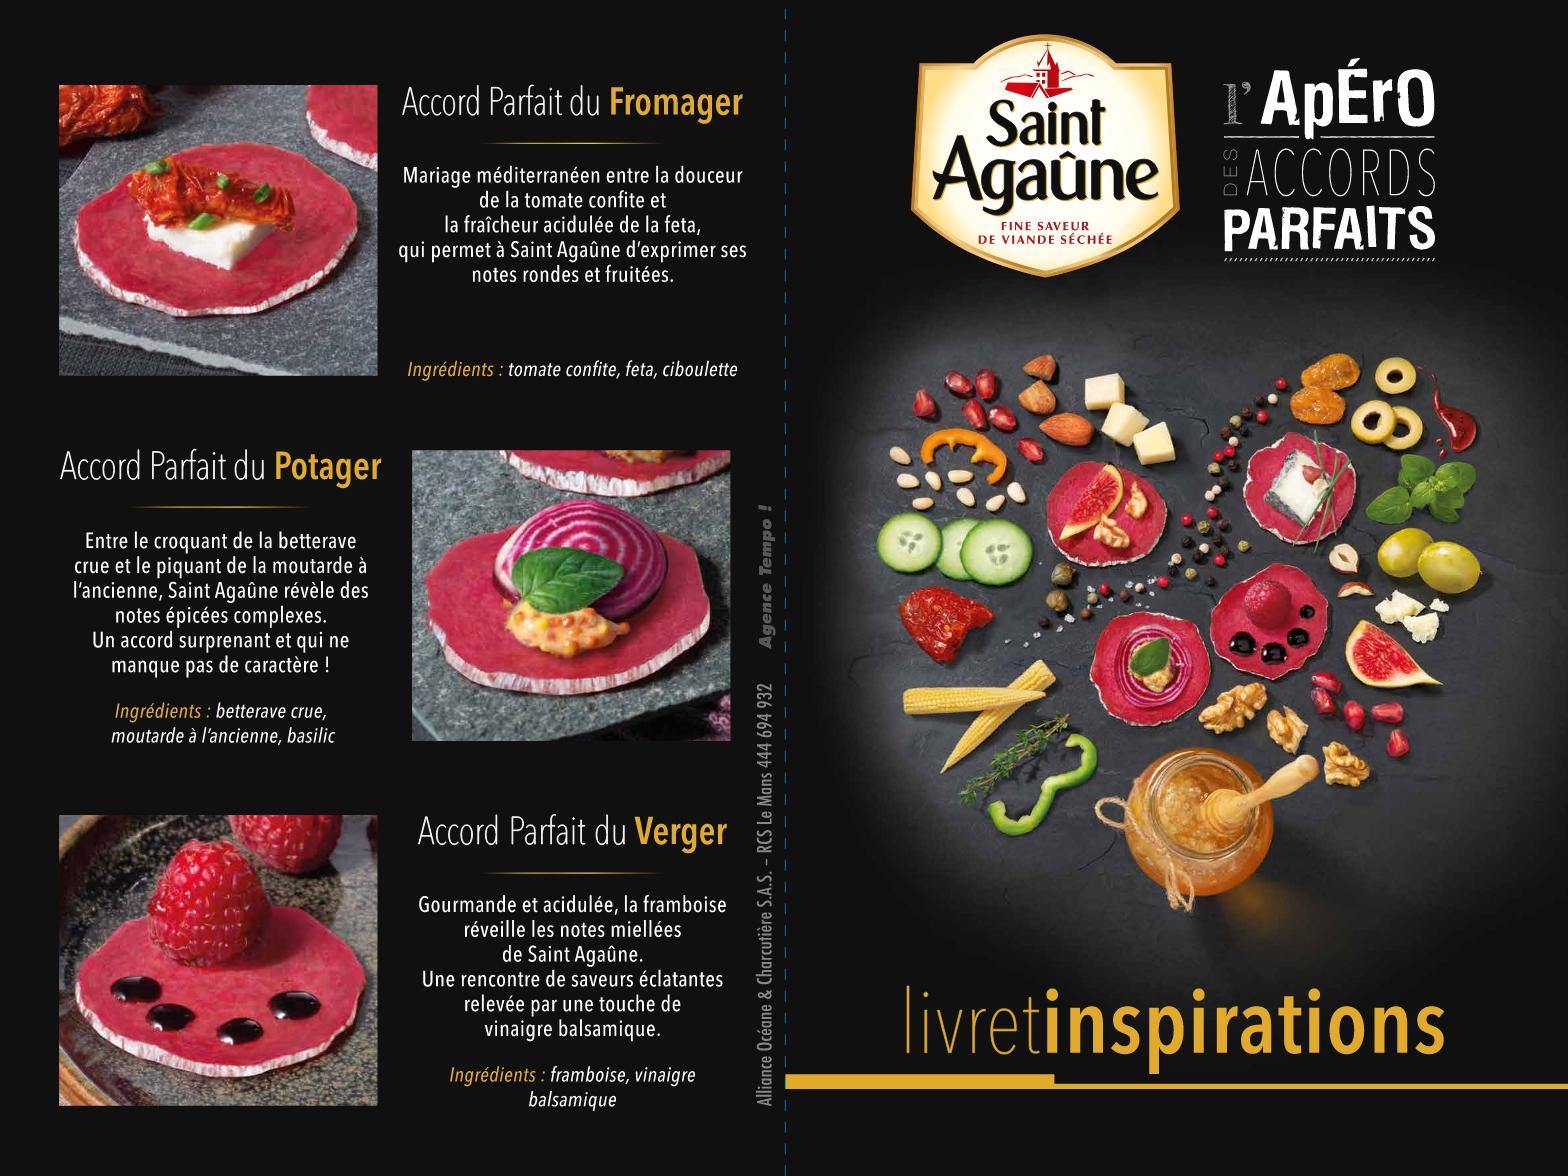 Leaflet « L'Apéro des Accords Parfaits » - Saint Agaûne